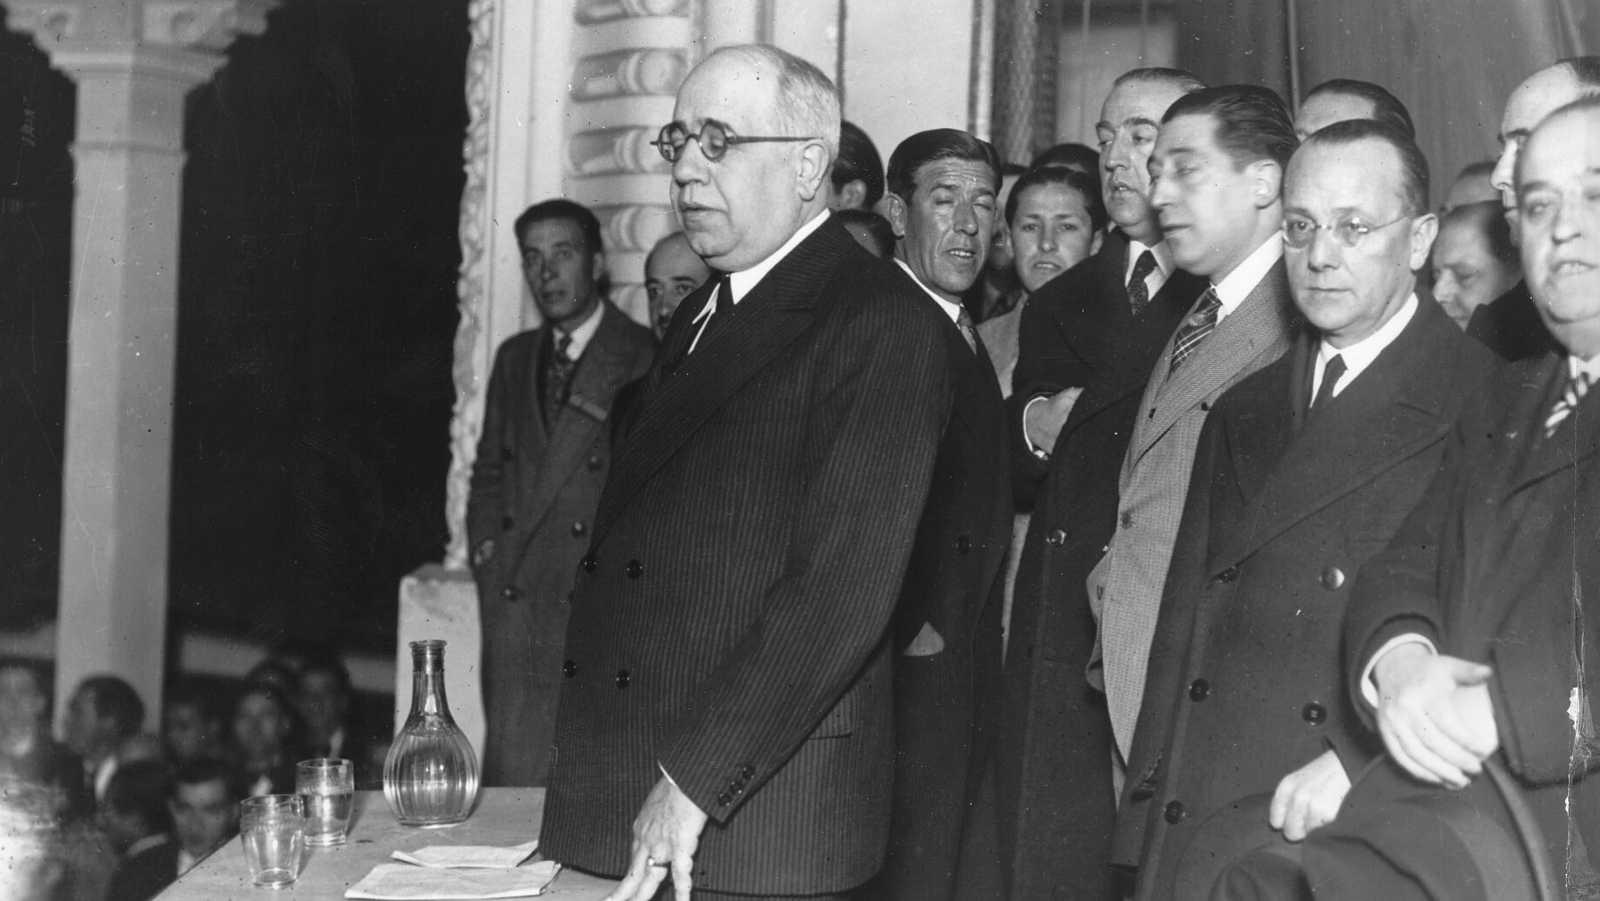 Parlamento - Homenaje a Manuel Azaña, 80 años despues de su muerte - 07/11/2020